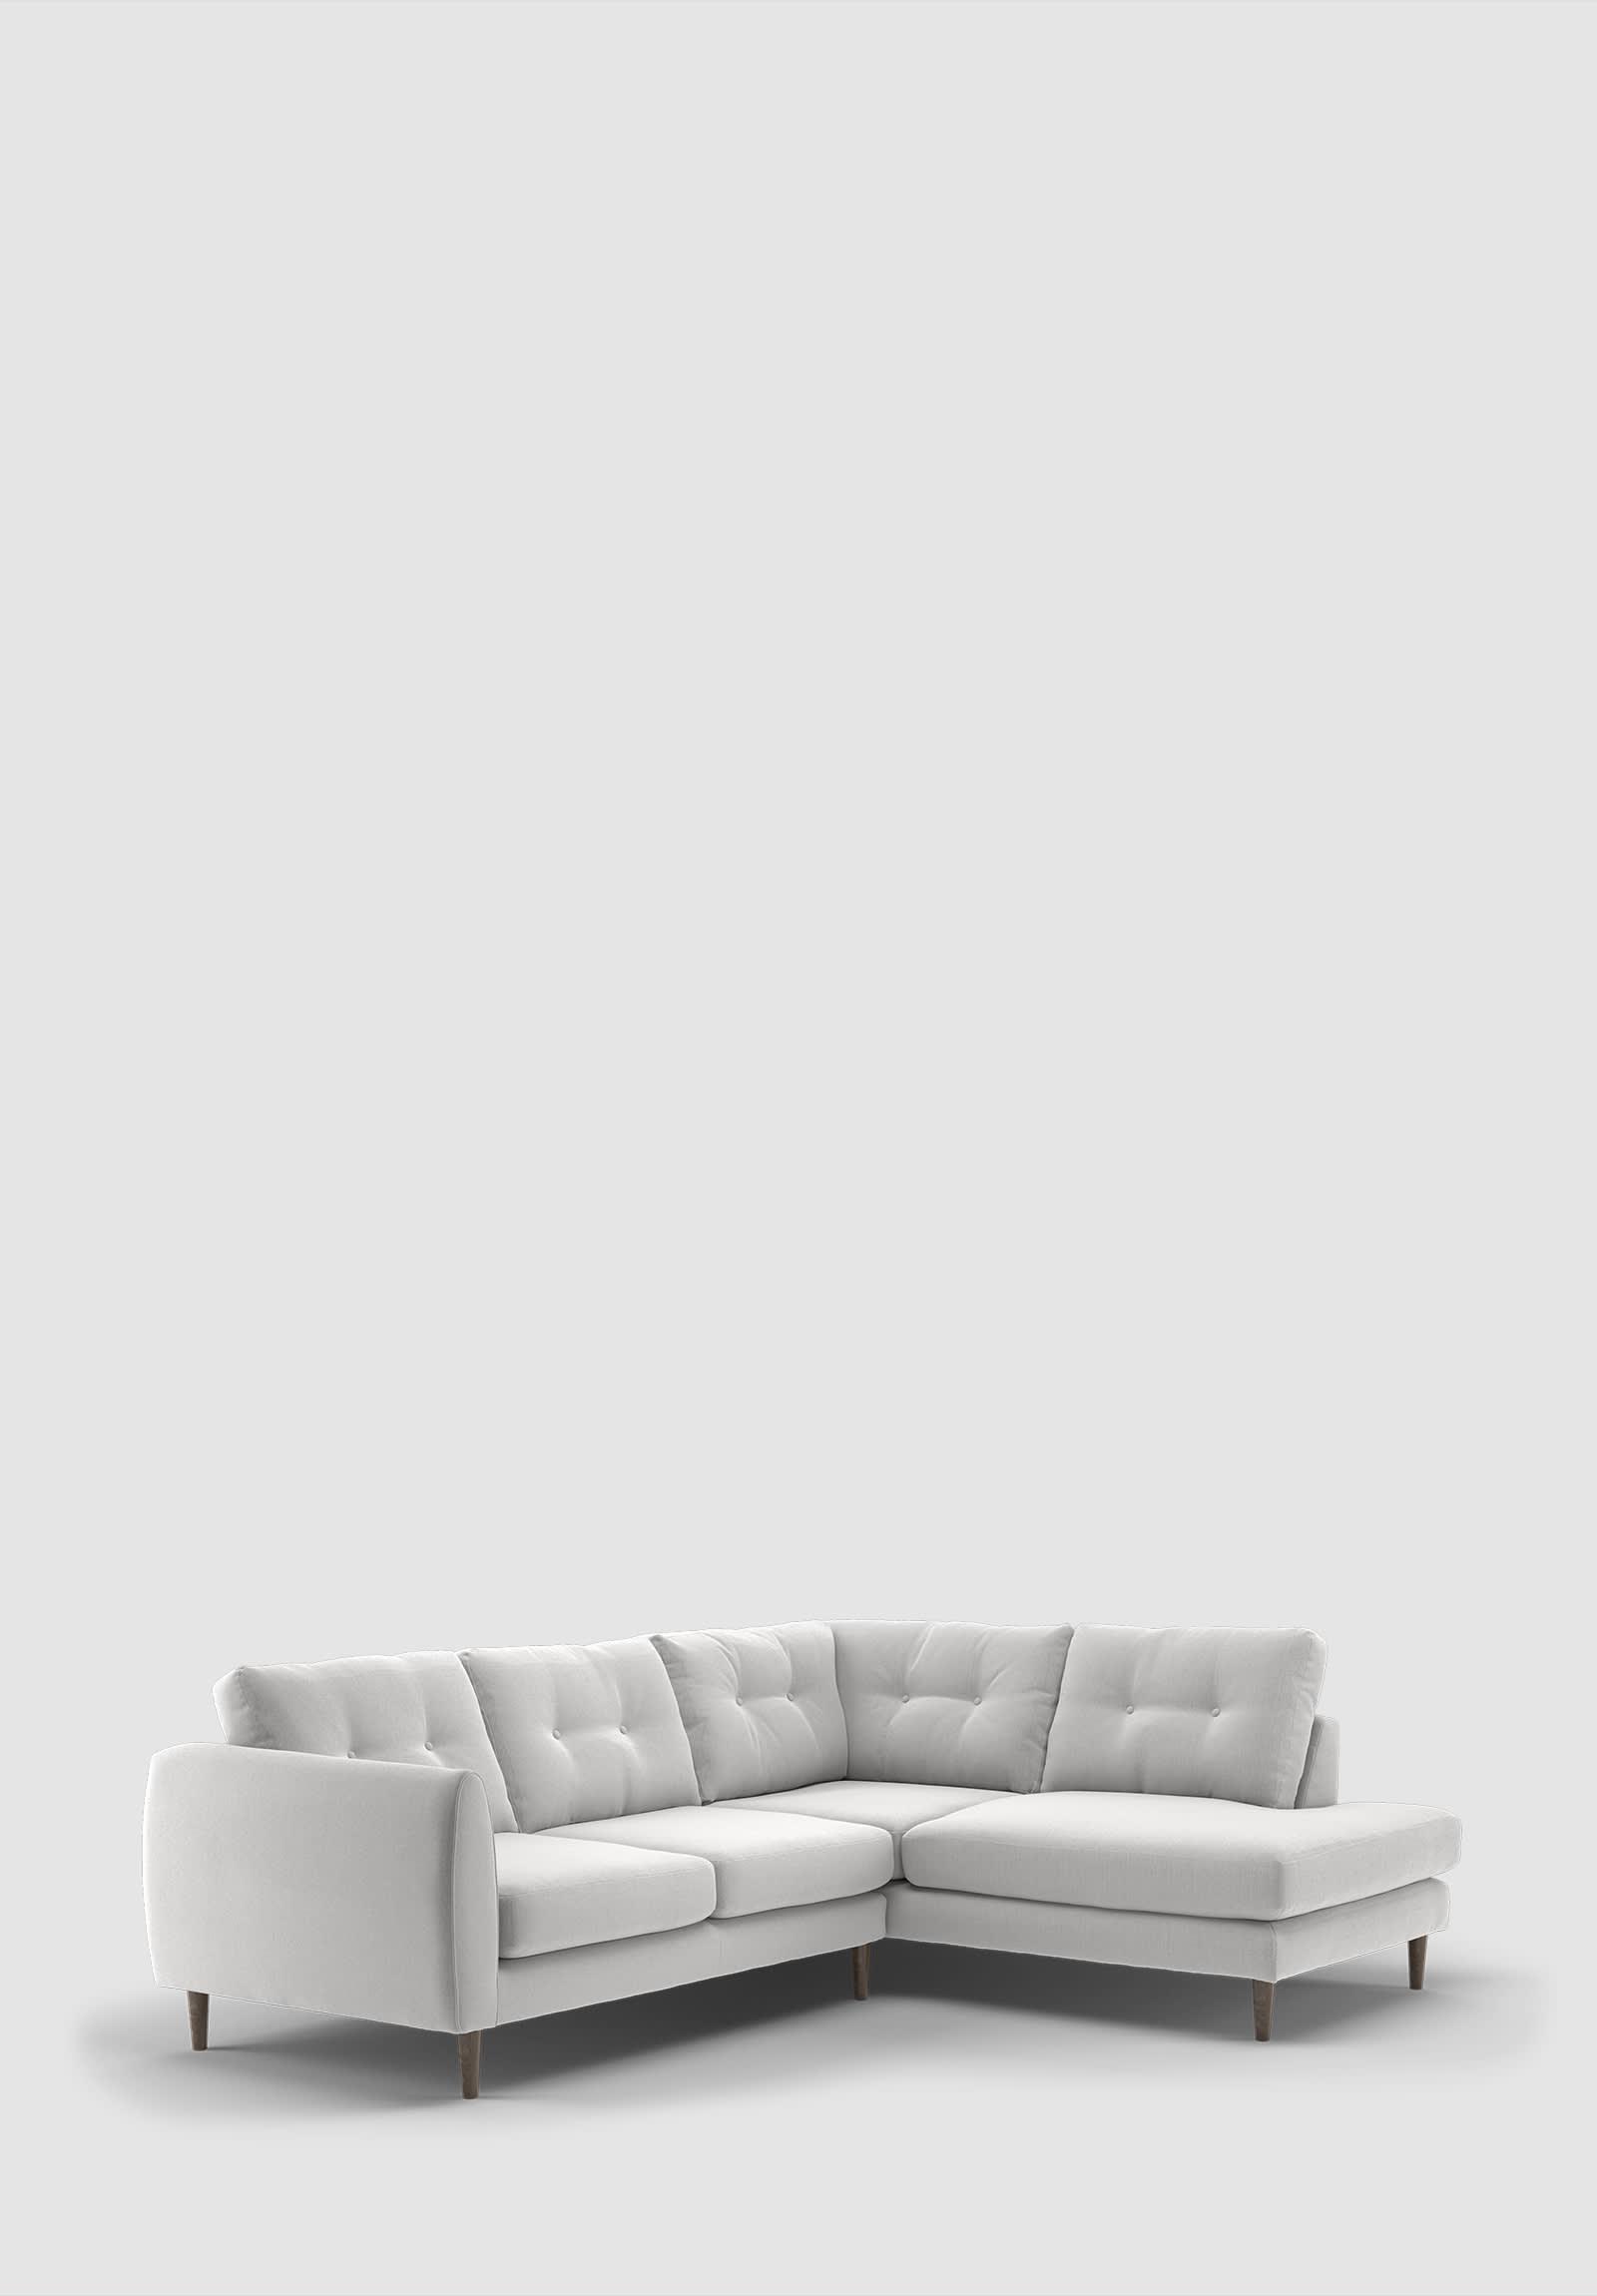 Sofology Finchley grey corner sofa